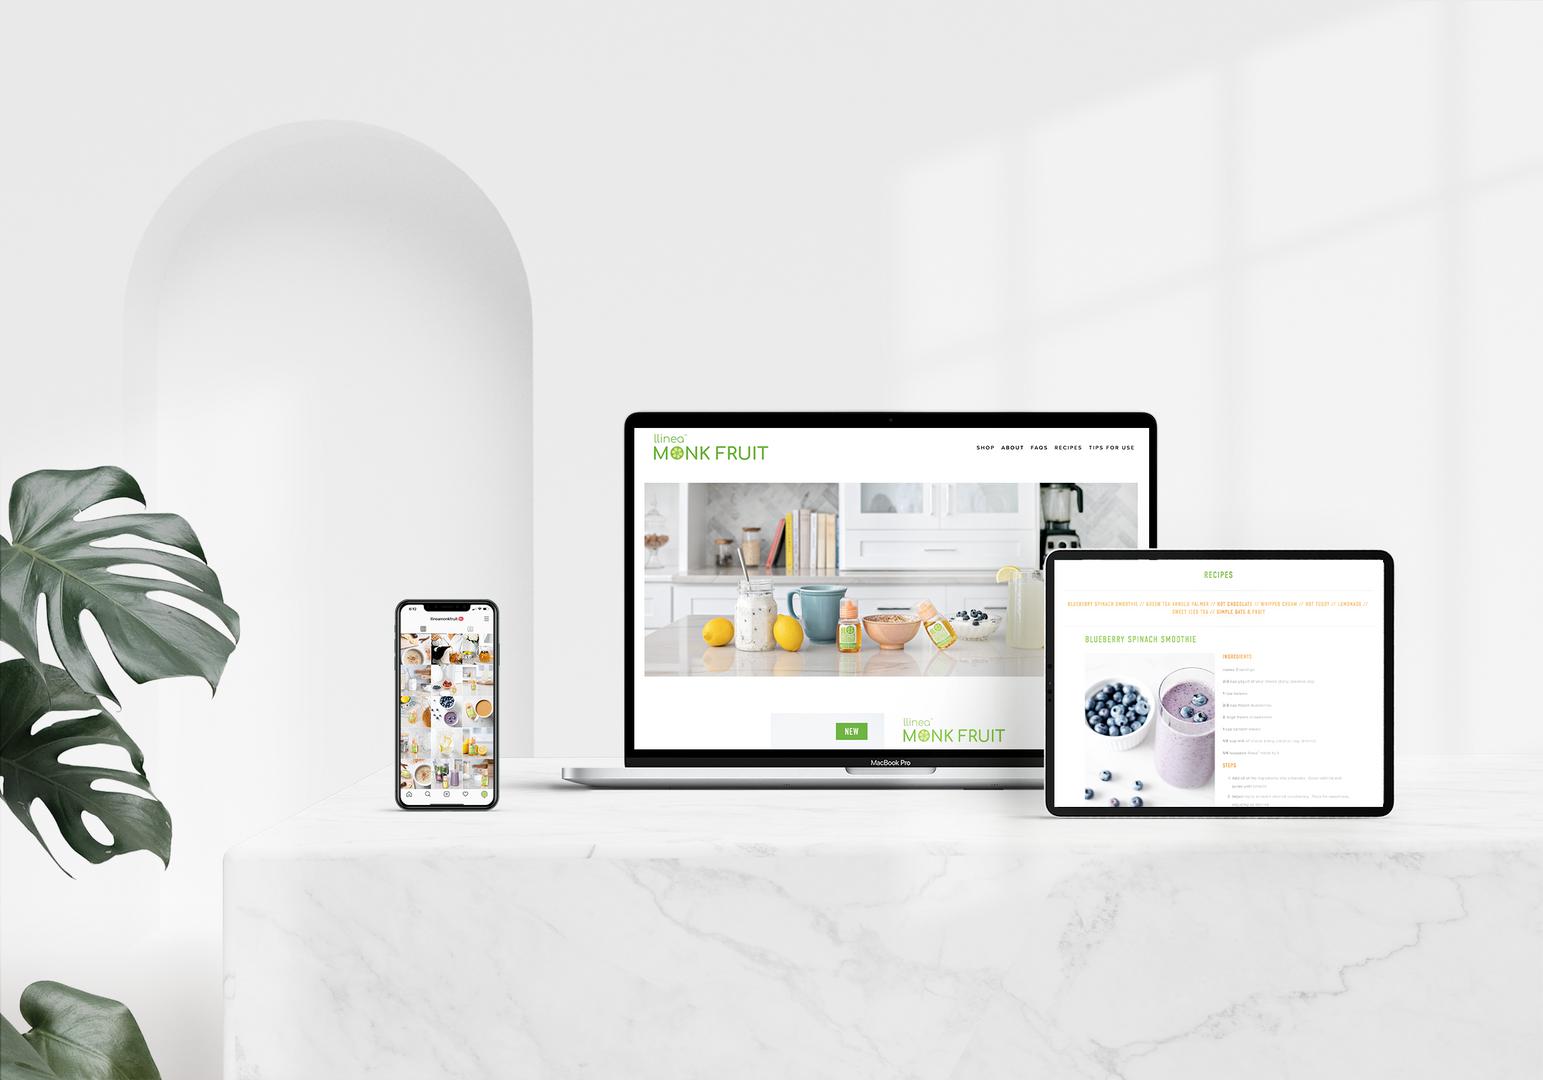 llinea monk fruit website